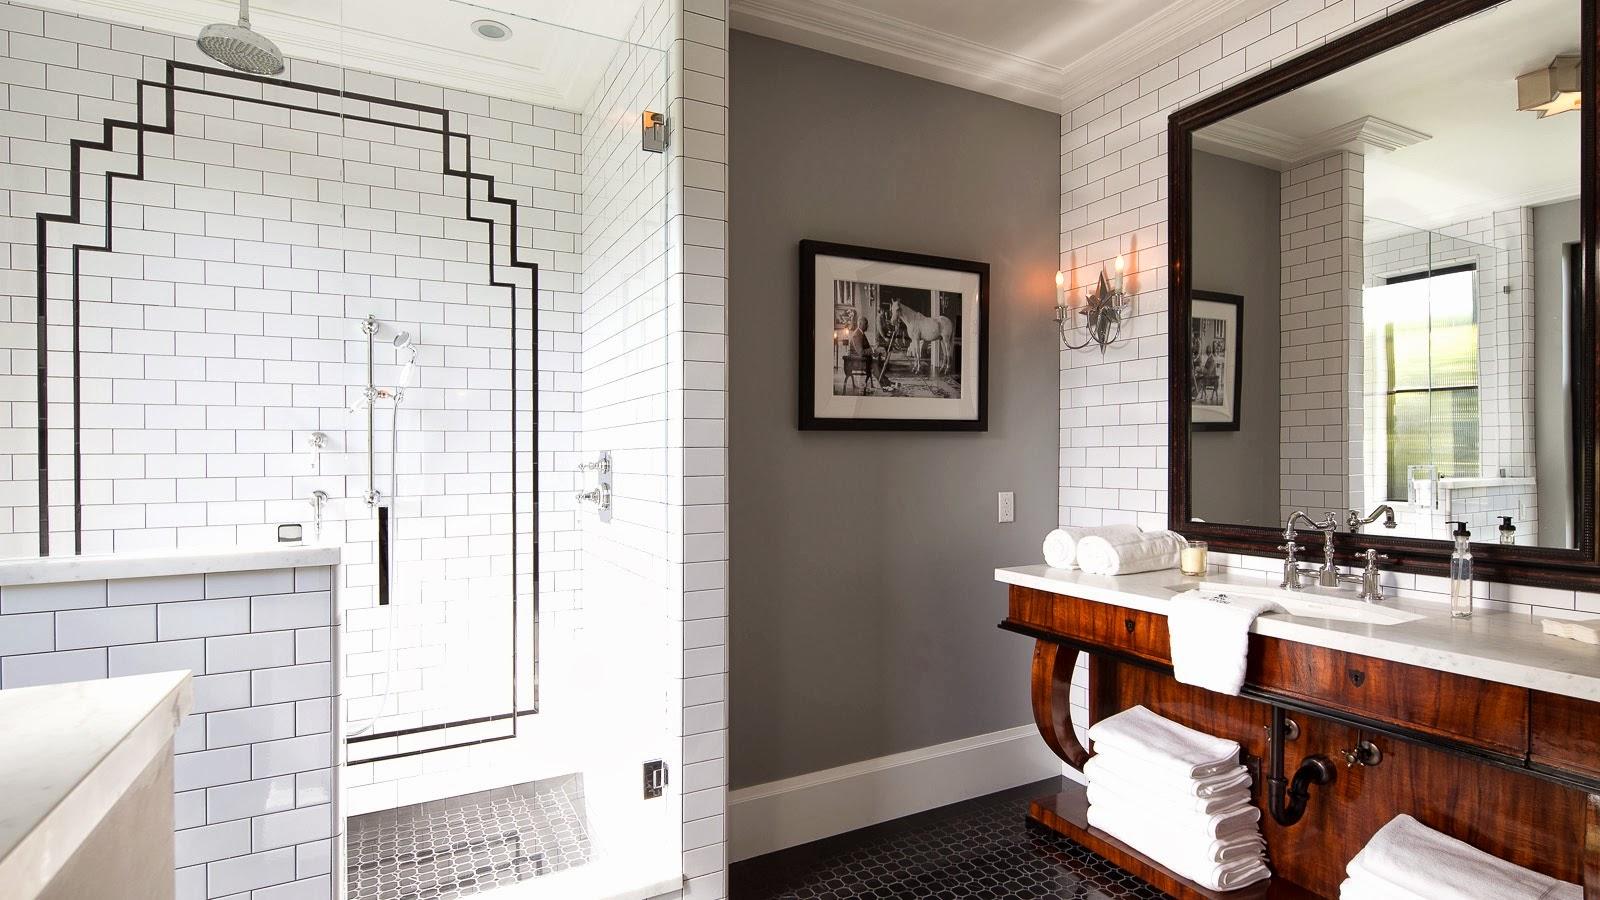 Ванная комната в современном стиле ар деко